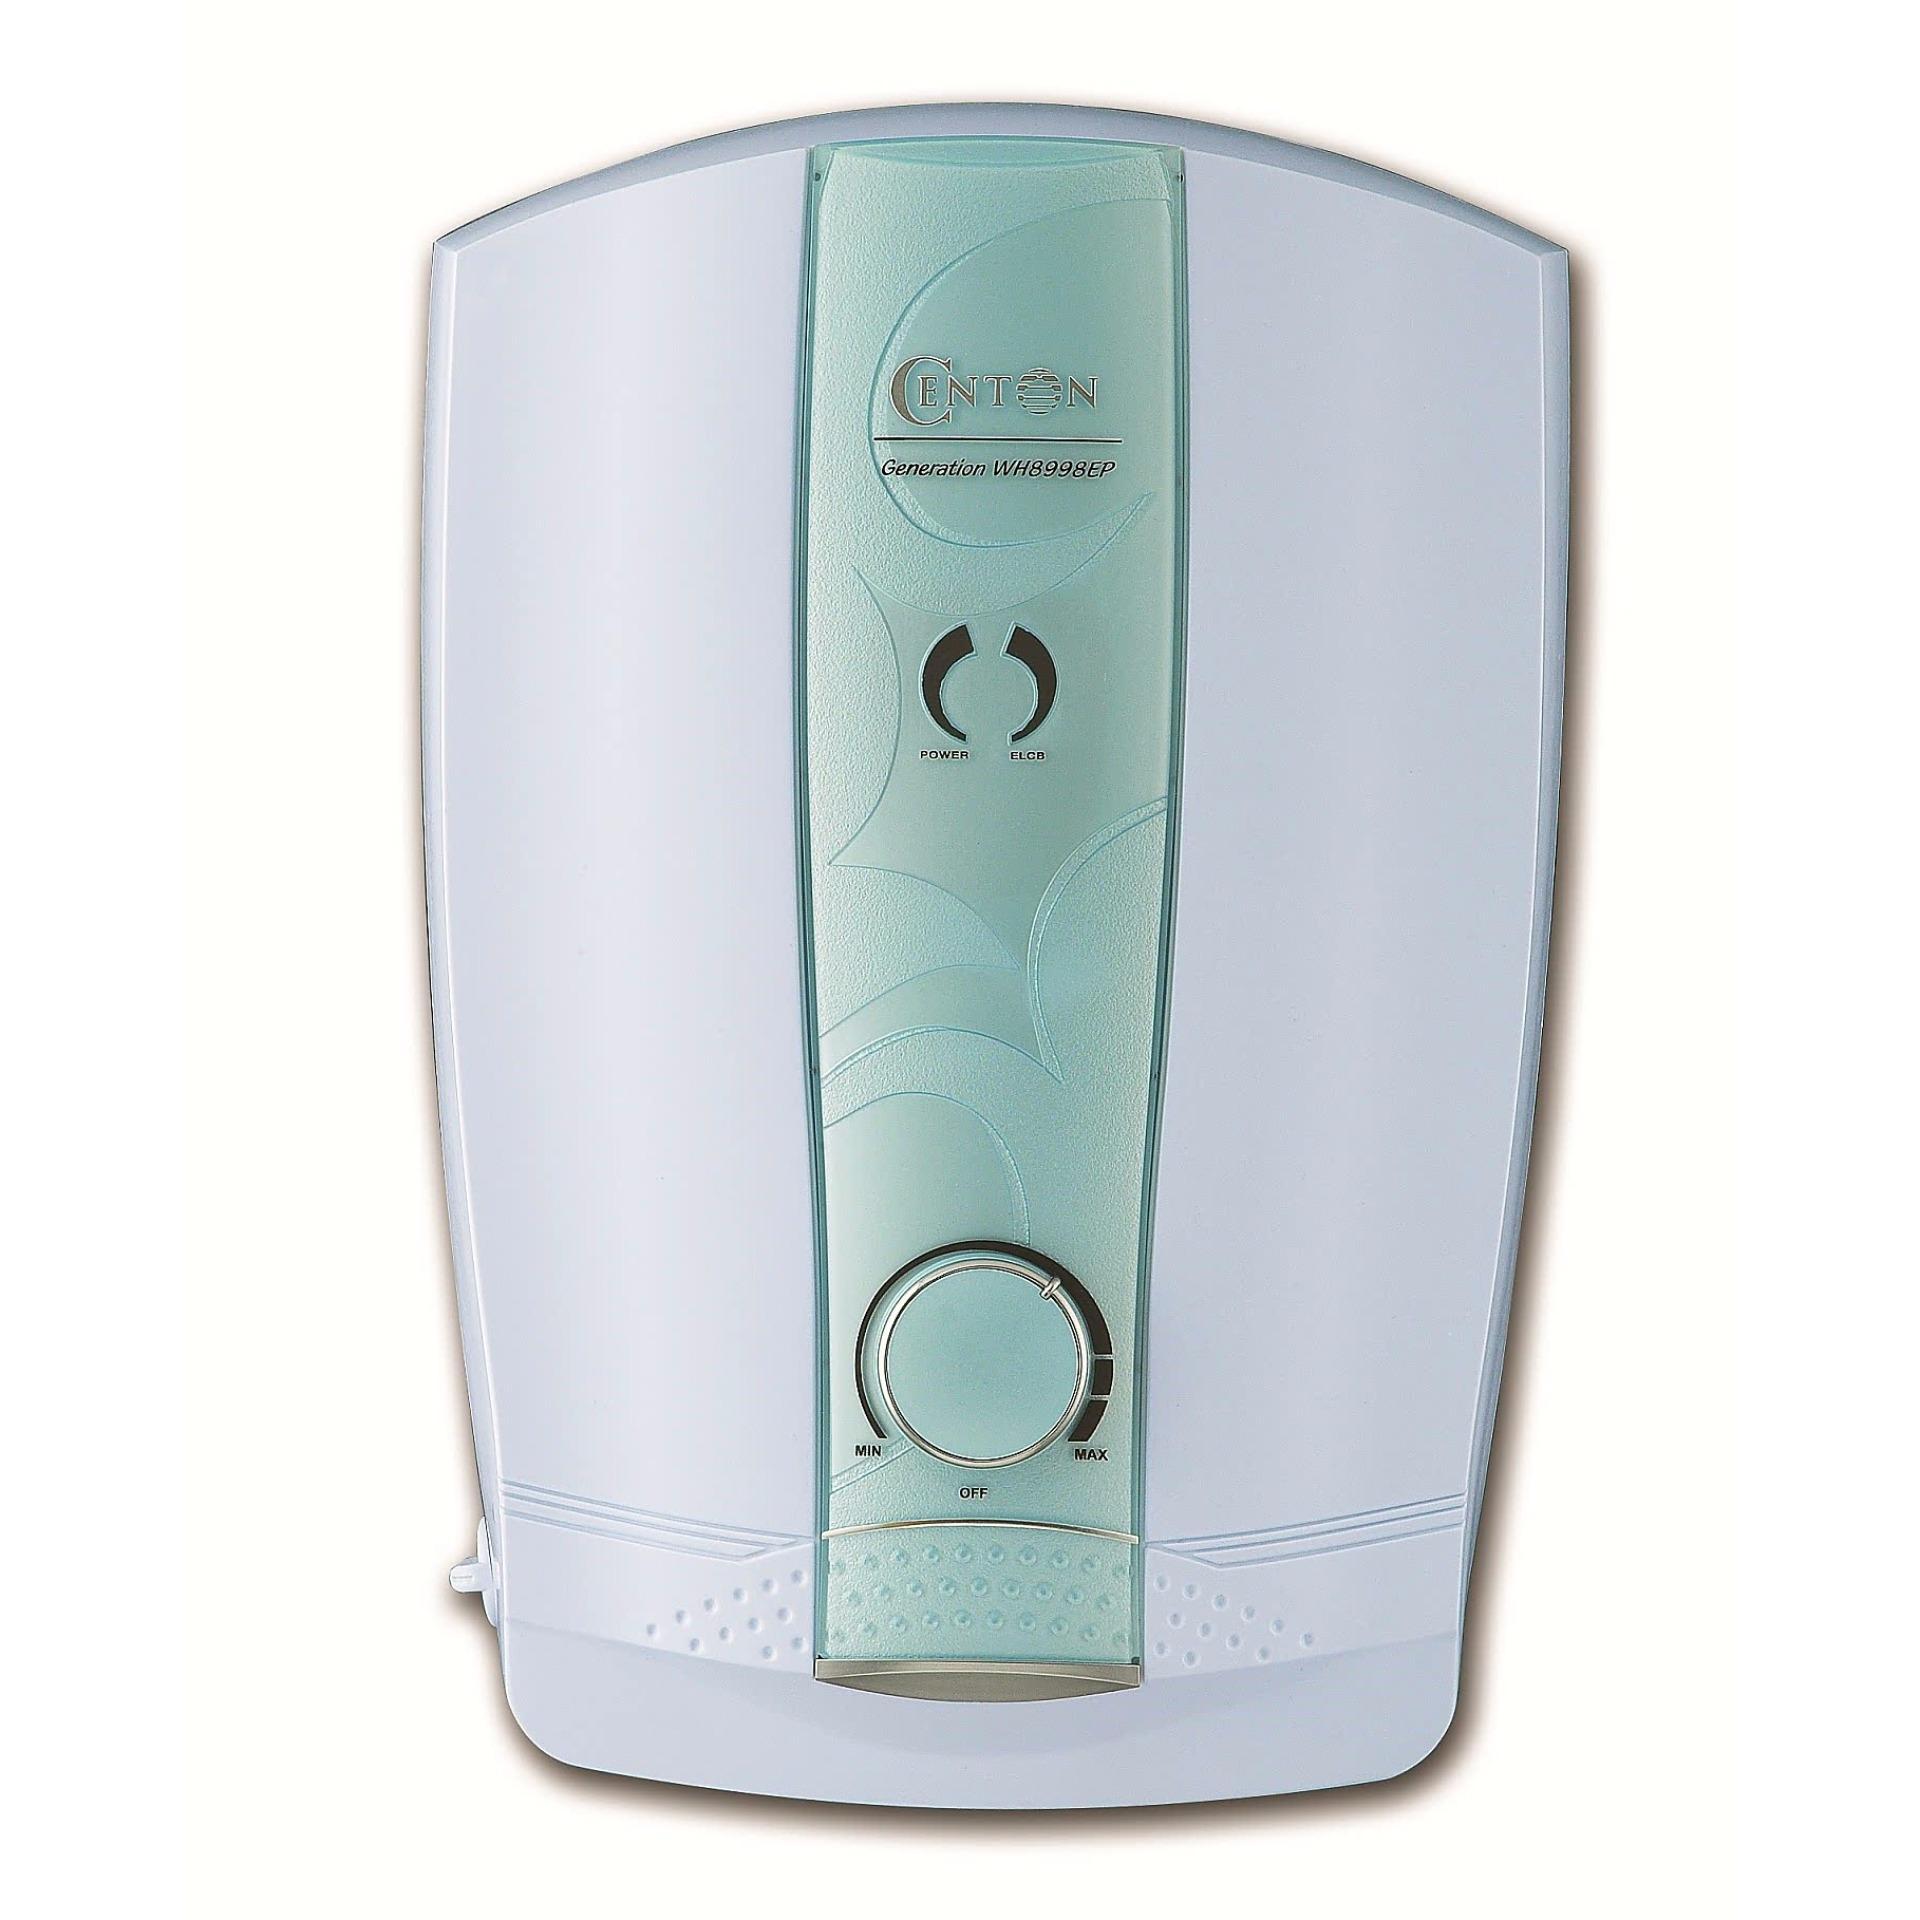 Máy nước nóng có bơm Centon WH8998EP